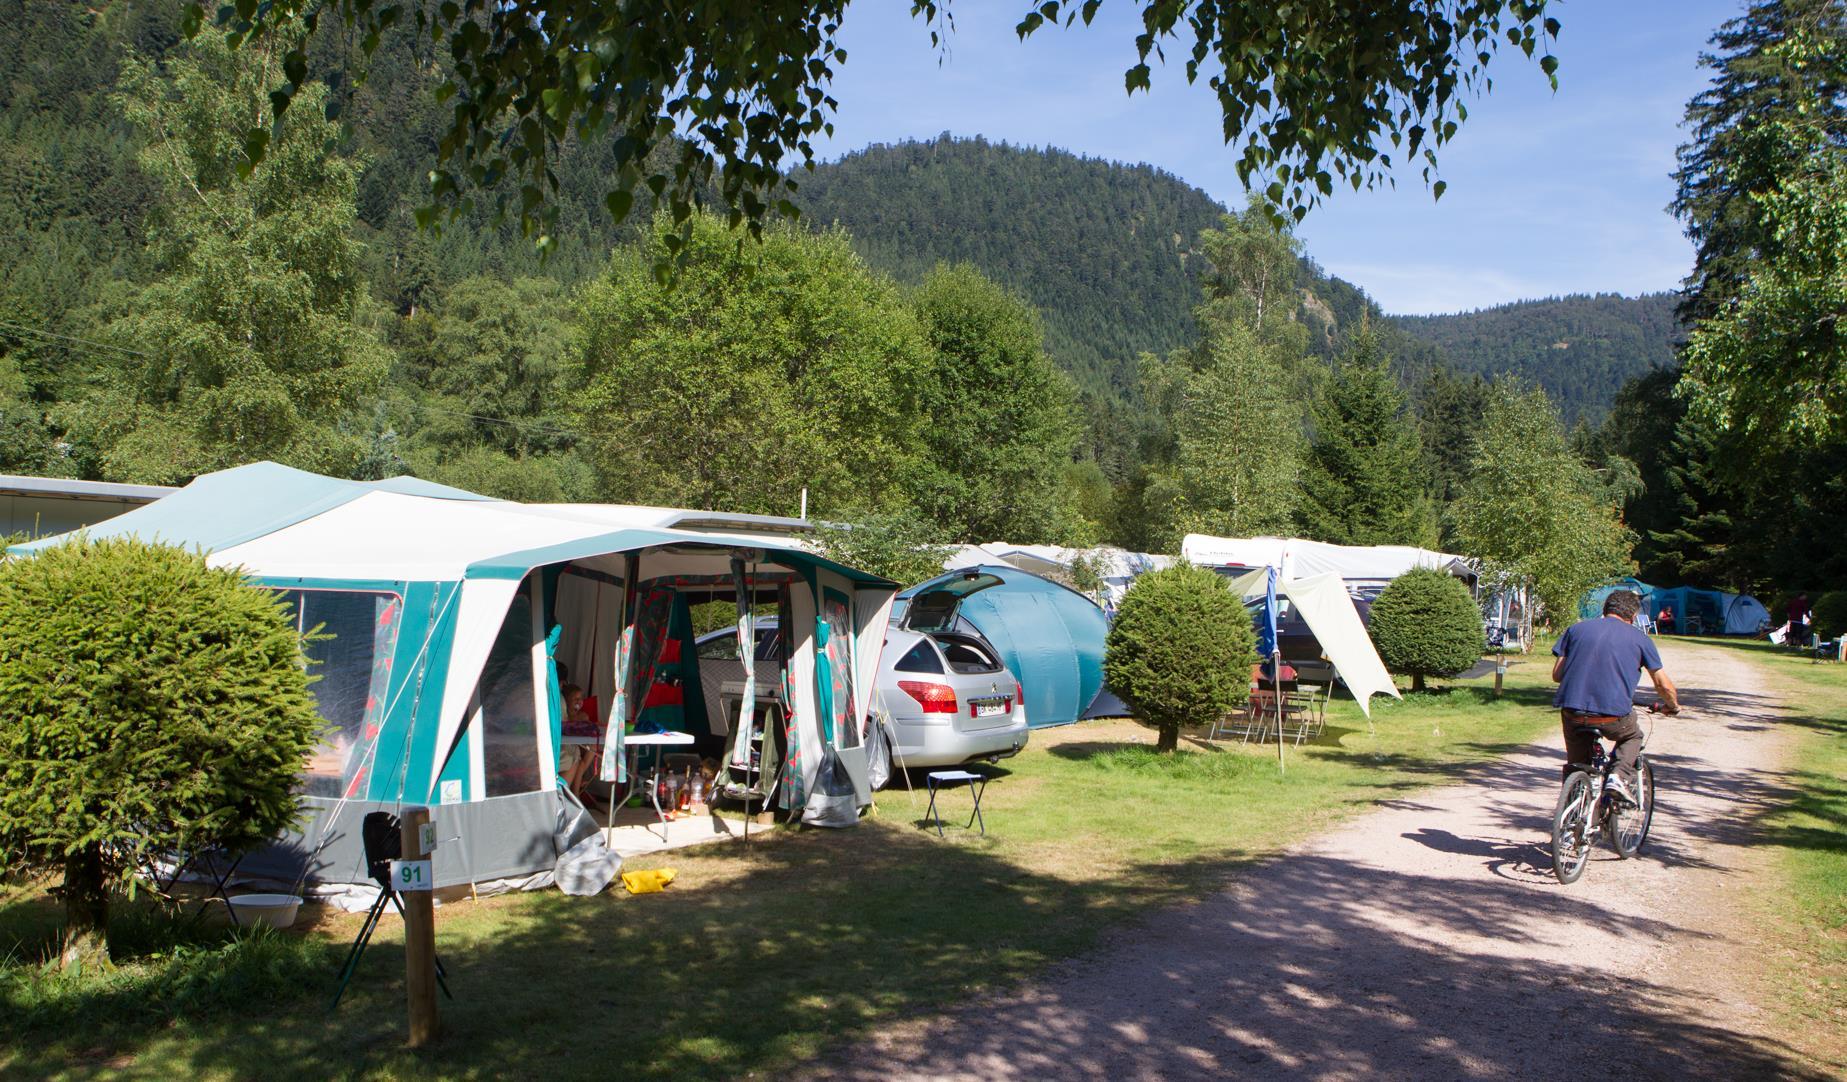 Emplacement - Forfait Confort (1 Tente, Caravane + 1 Voiture Ou Camping-Car / Électricité 6A) - Flower Camping Verte Vallee